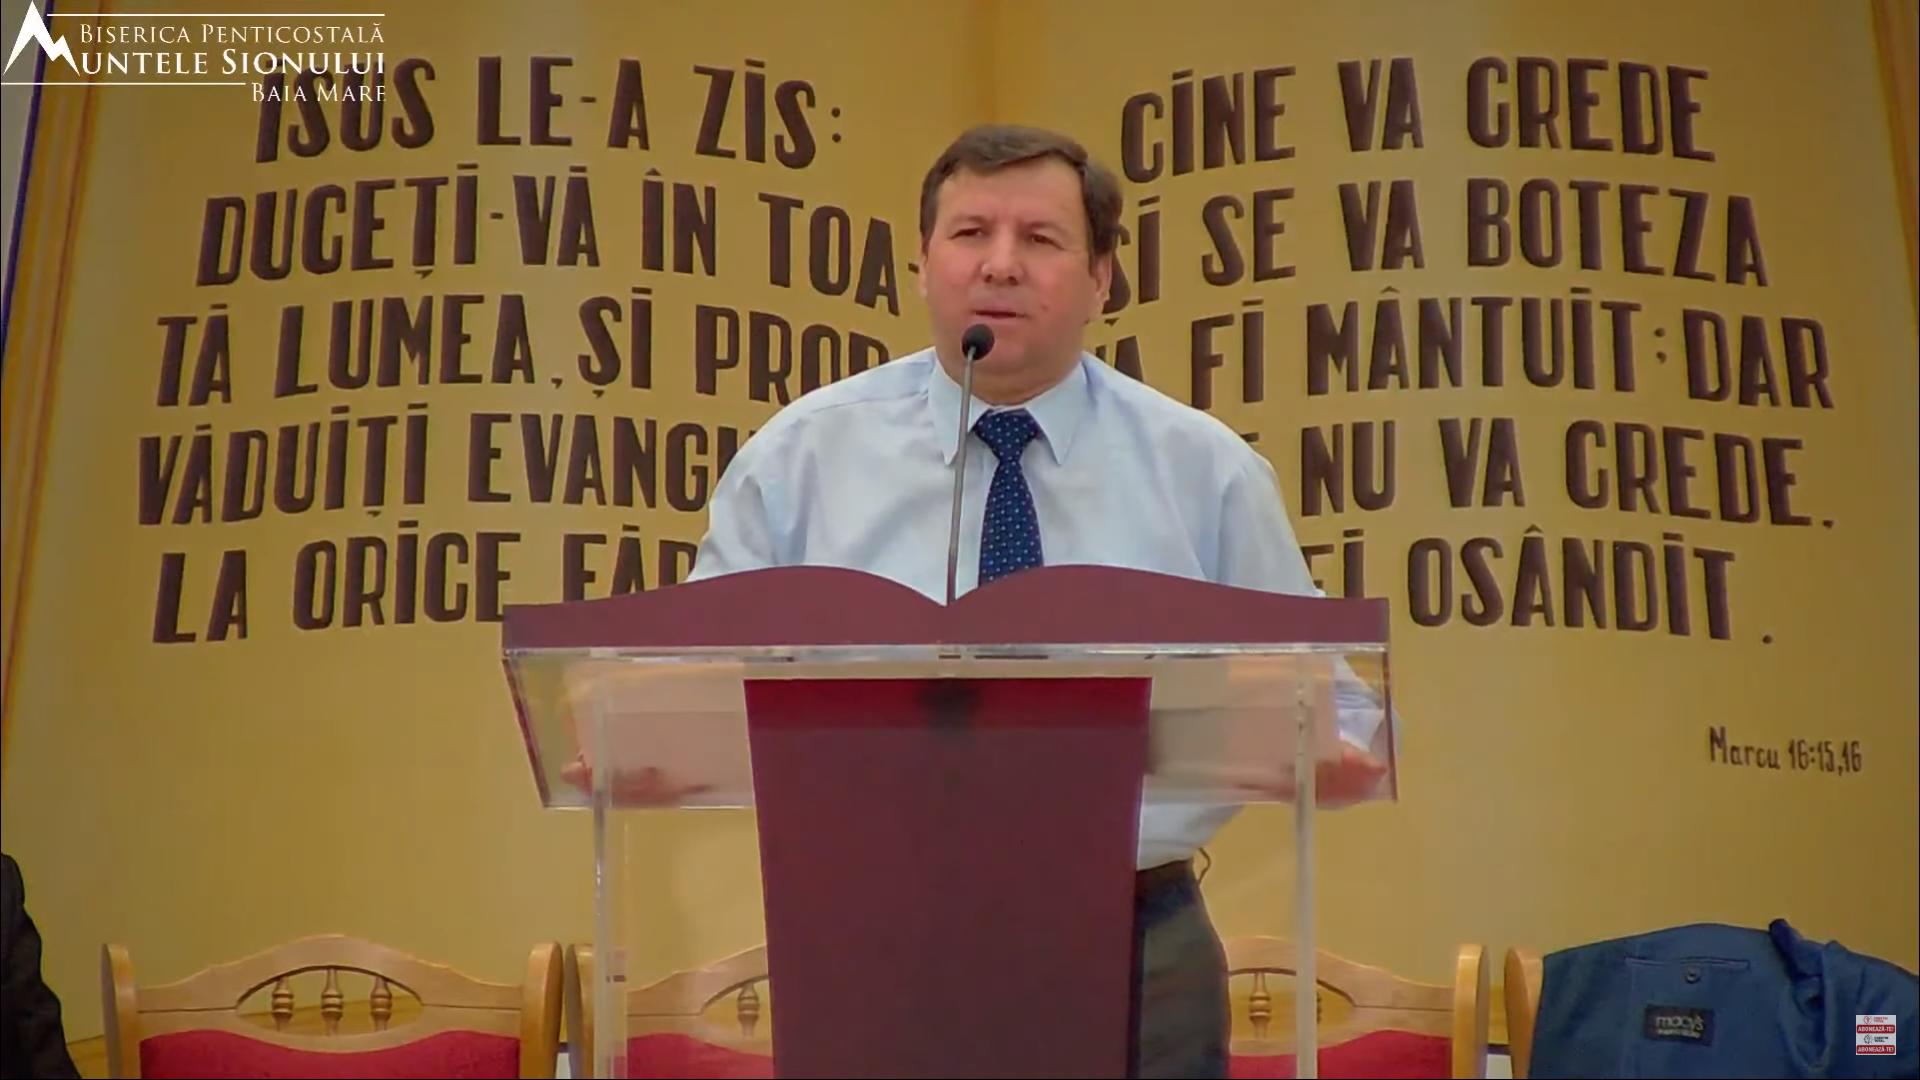 Vasile Bujor: Va mai fi o intalnire dupa inviere (februarie 2020)